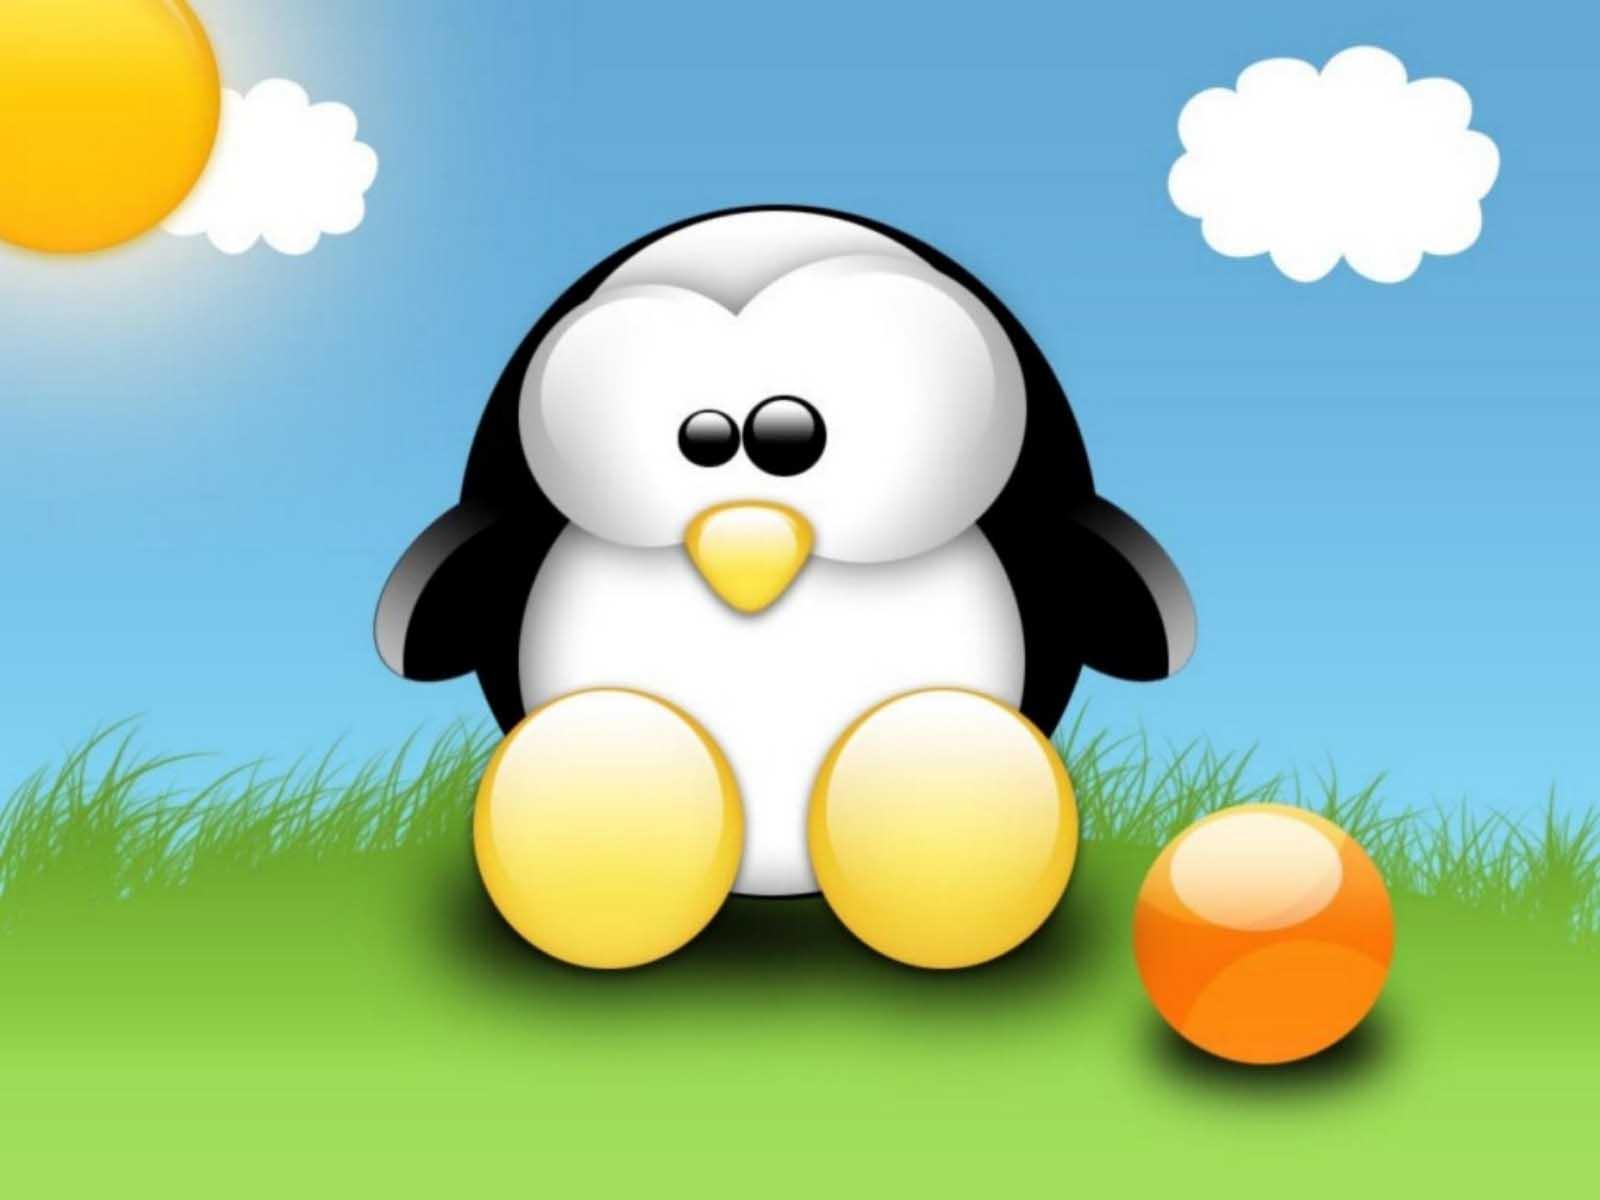 Ảnh chú chim cánh cụt ngộ ngĩnh